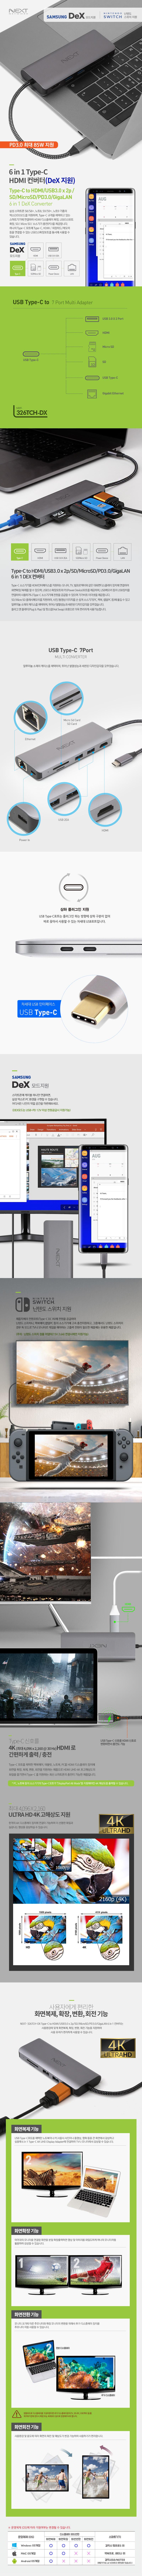 이지넷유비쿼터스  6in1 Type C to HDMI 멀티 컨버터 (NEXT-326TCH-DX)